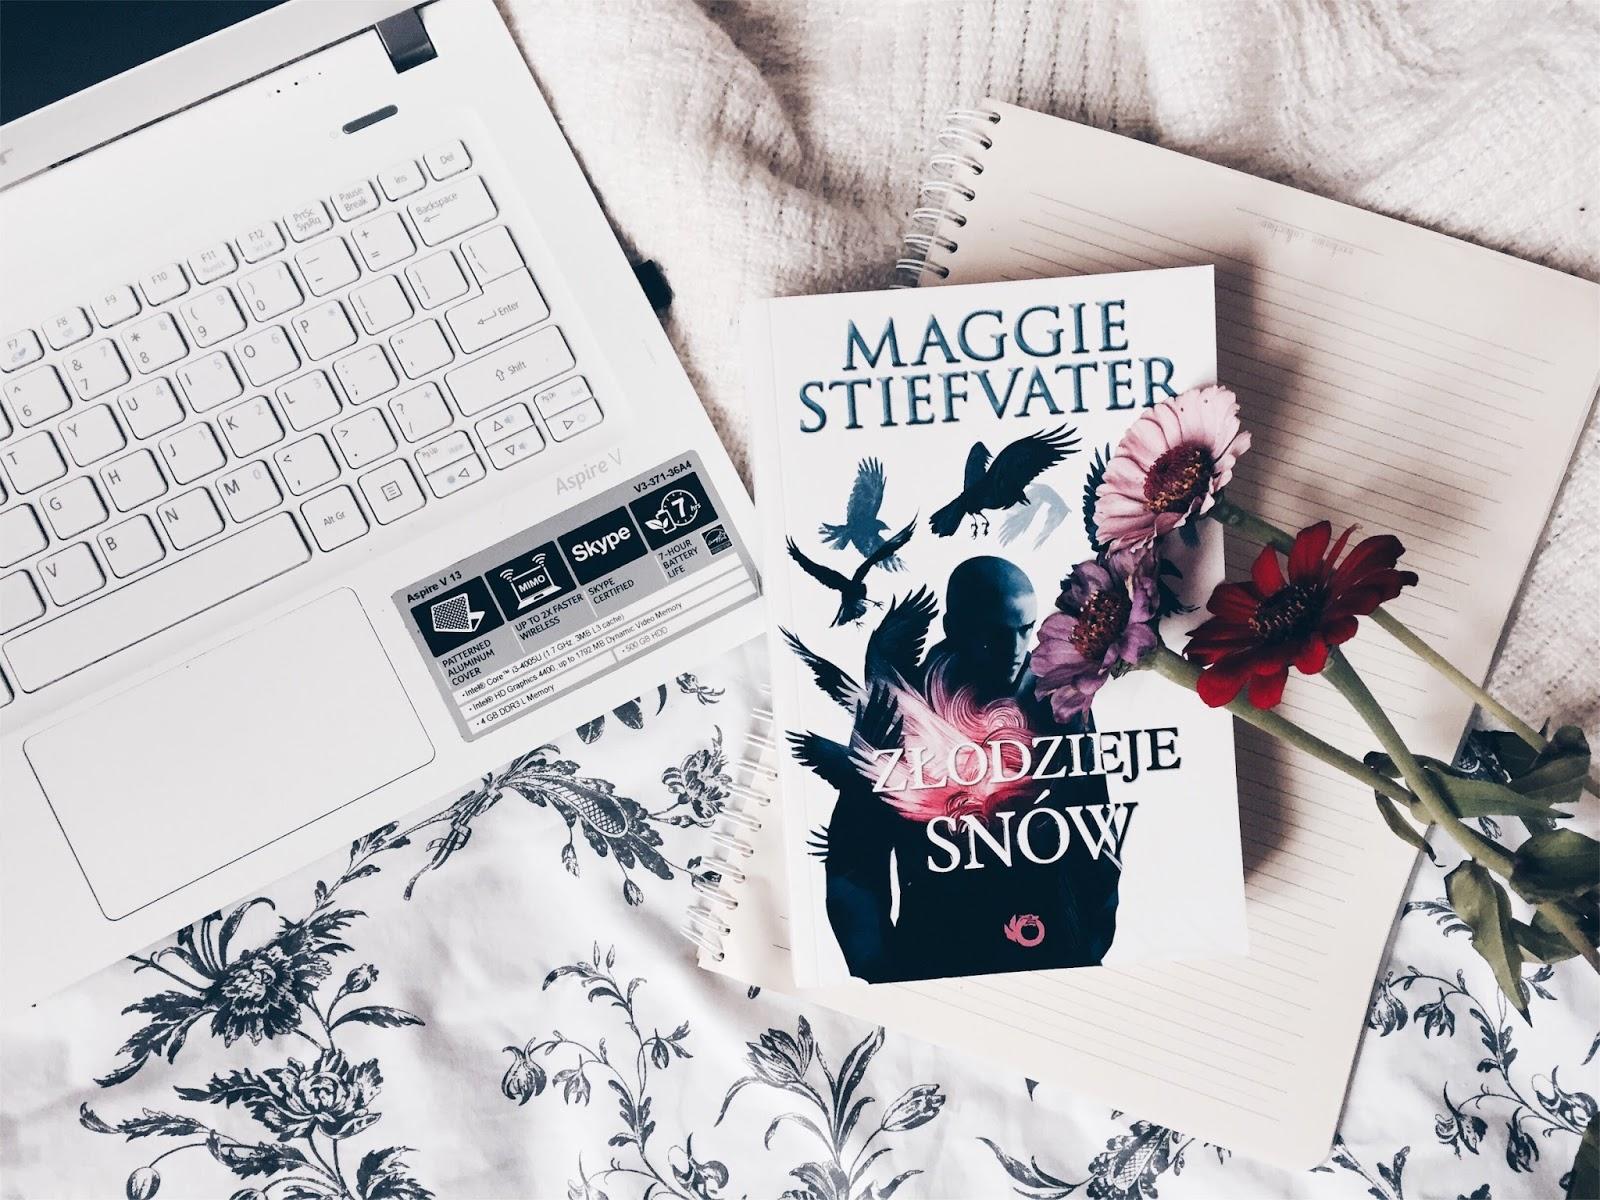 Złodzieje snów, Maggie Stiefvater